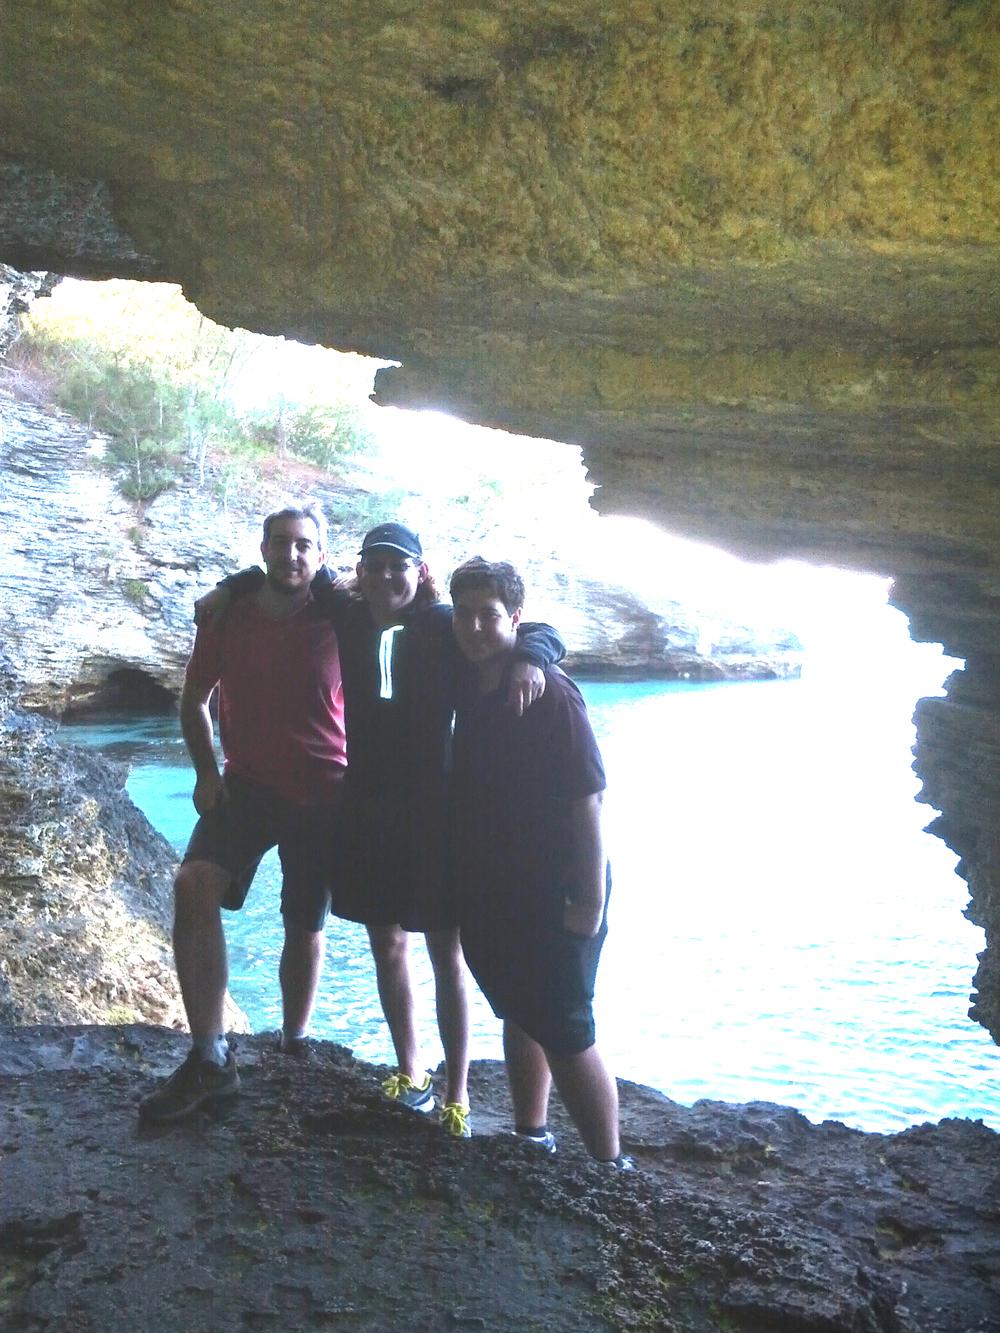 Adam P, Robert, Adam K - Bermuda 2013